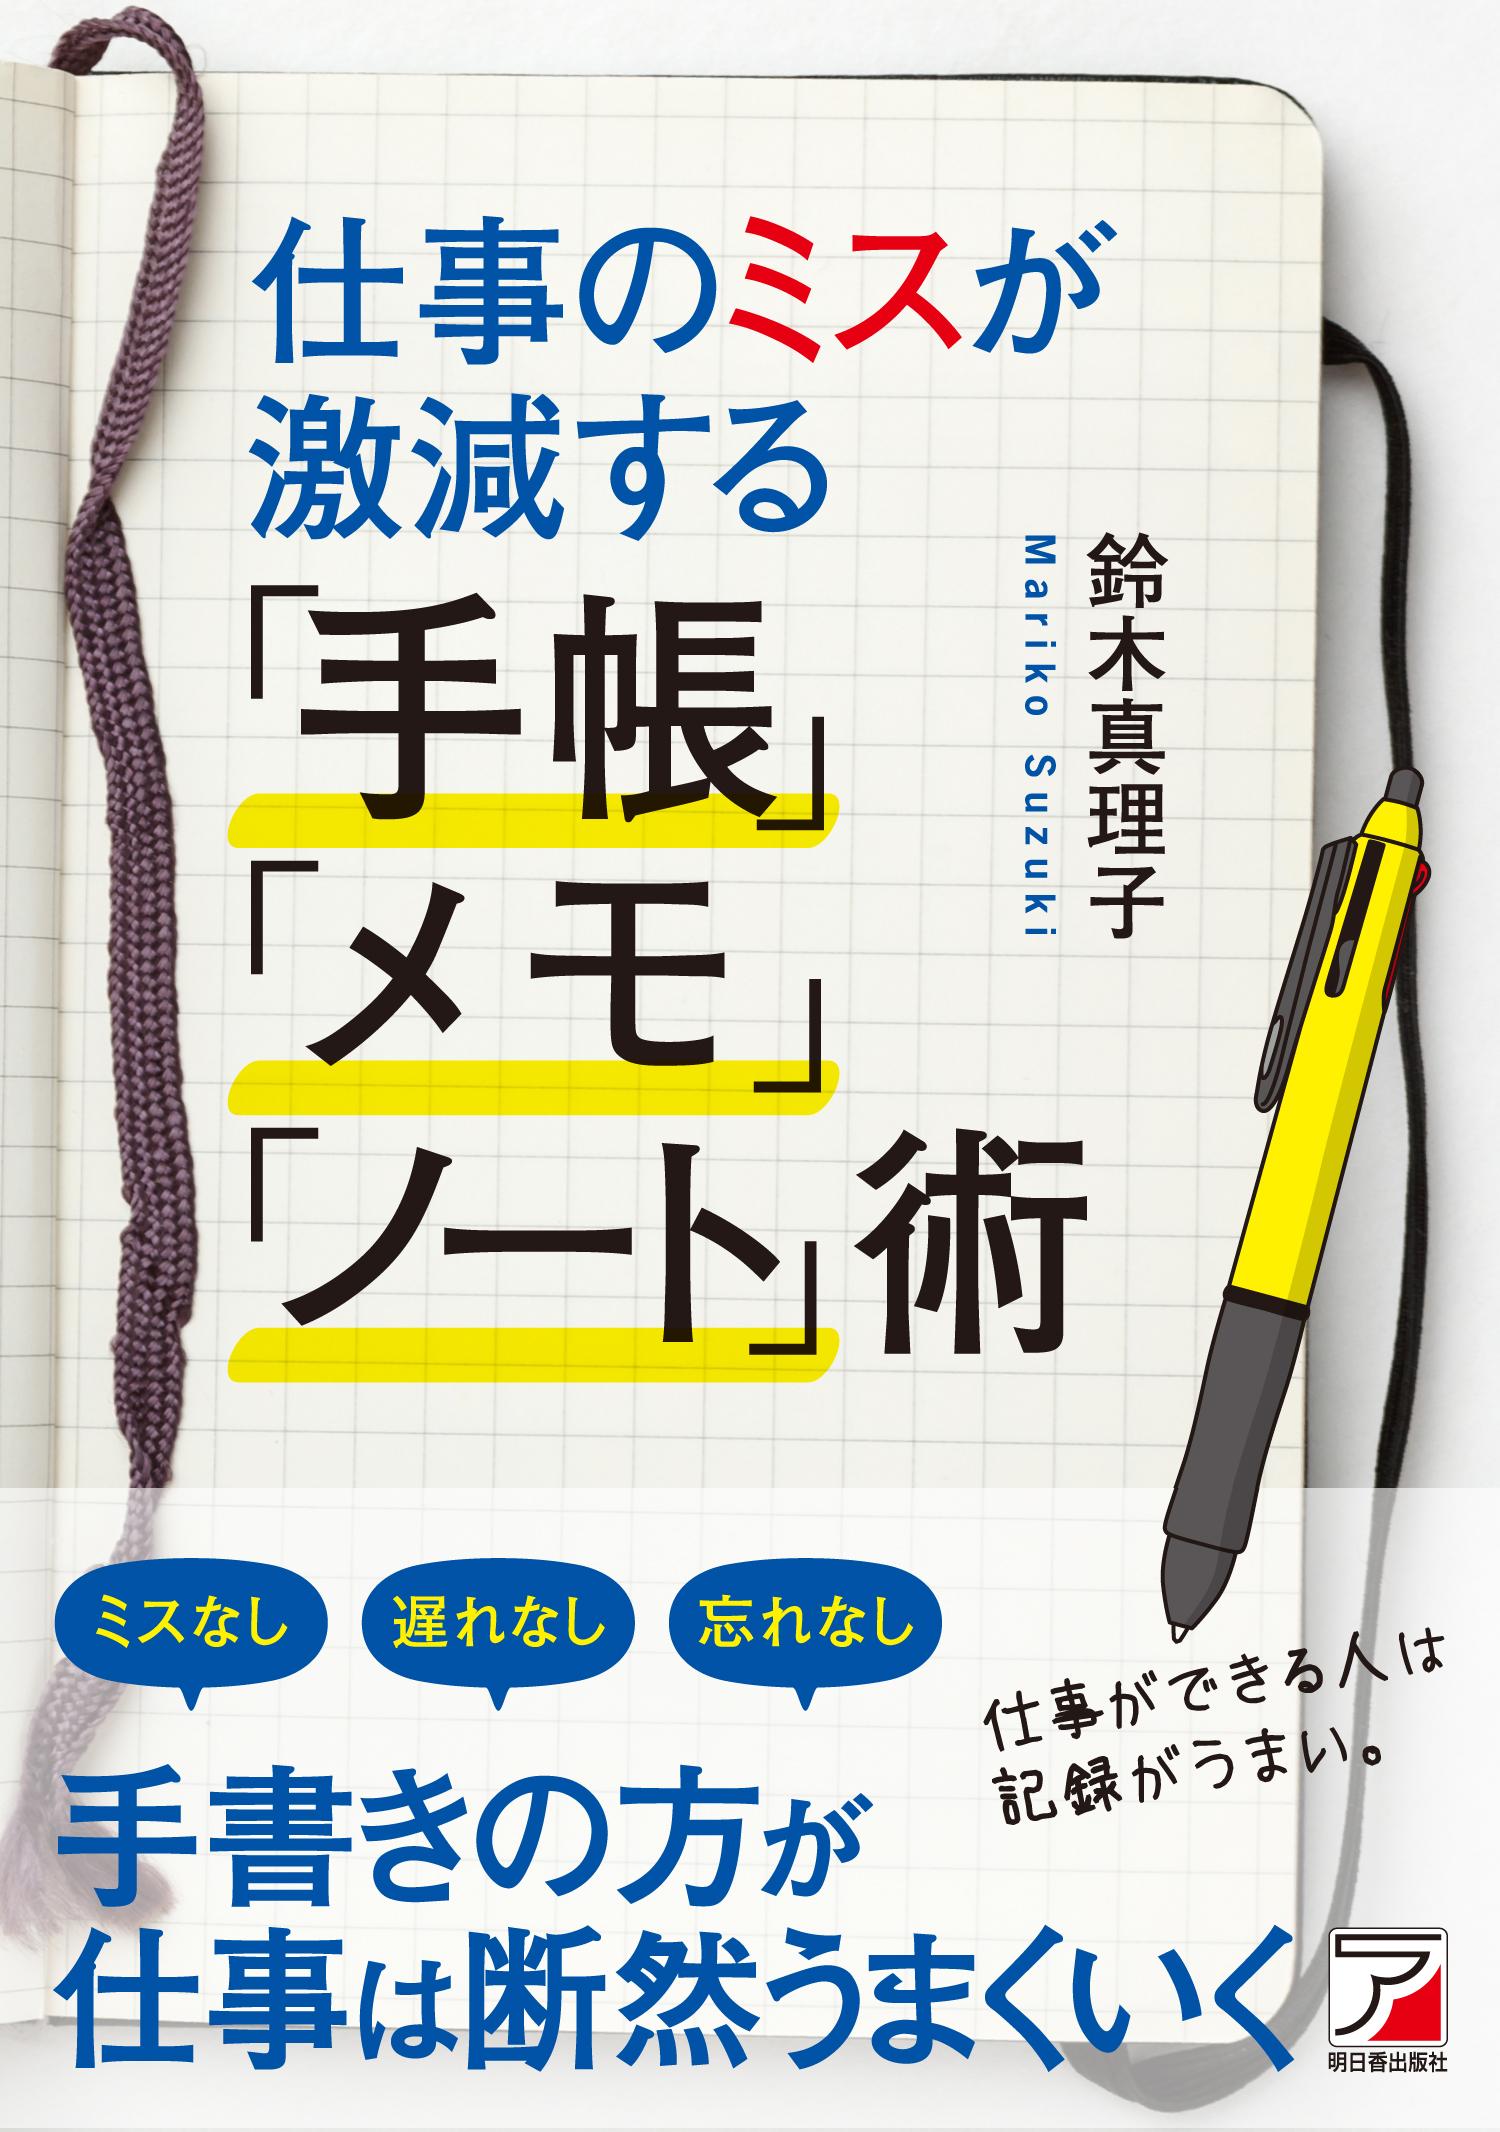 『仕事のミスが激減する「手帳」「メモ」「ノート術』